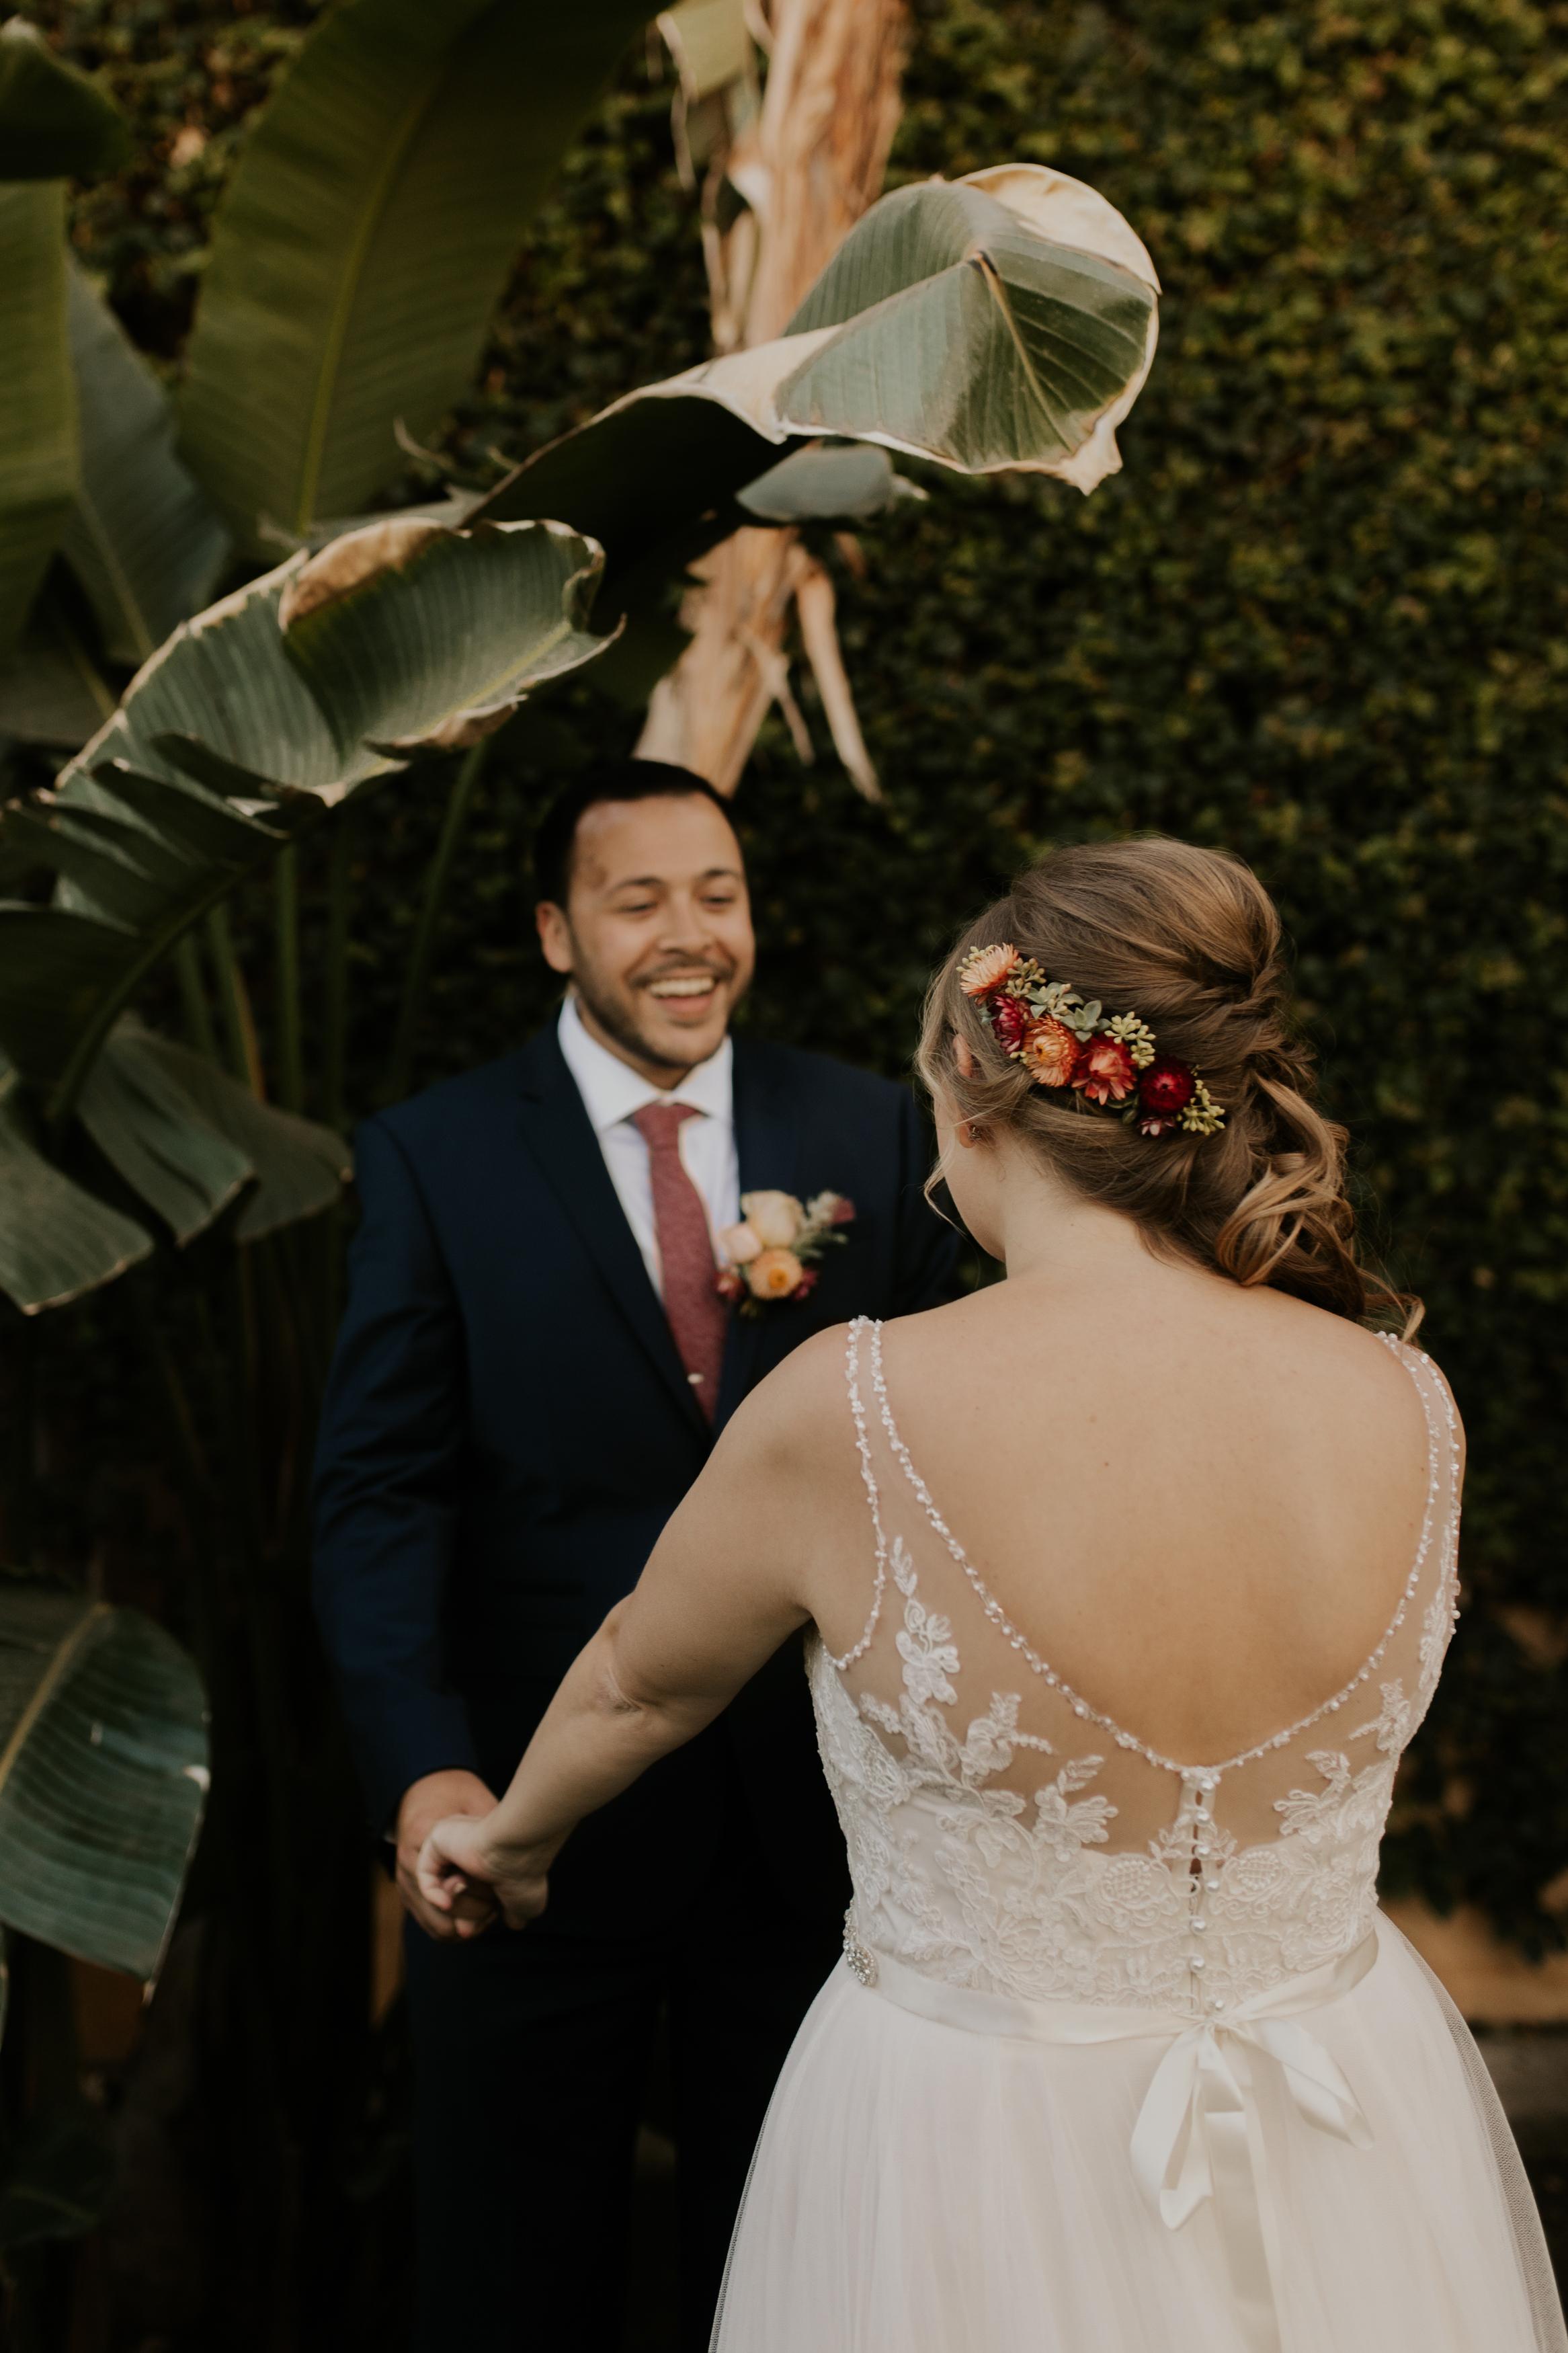 Dusty_Pink_Wedding_Florals_Sibyl_Sophia_Bride_Groom.jpg